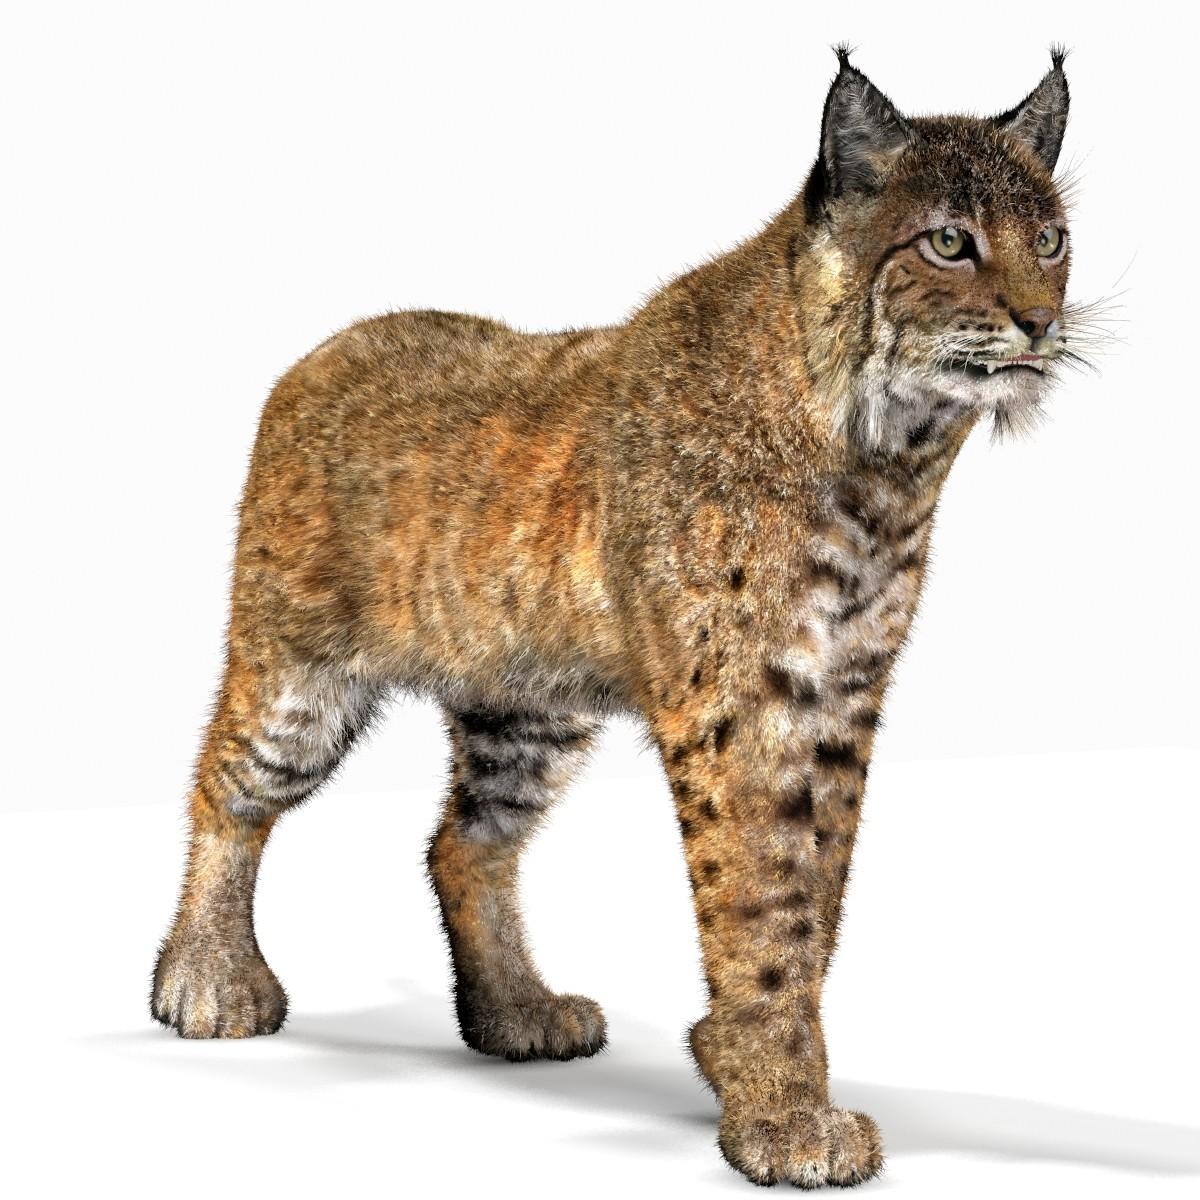 Png transparent images pluspng. Bobcat clipart lynx